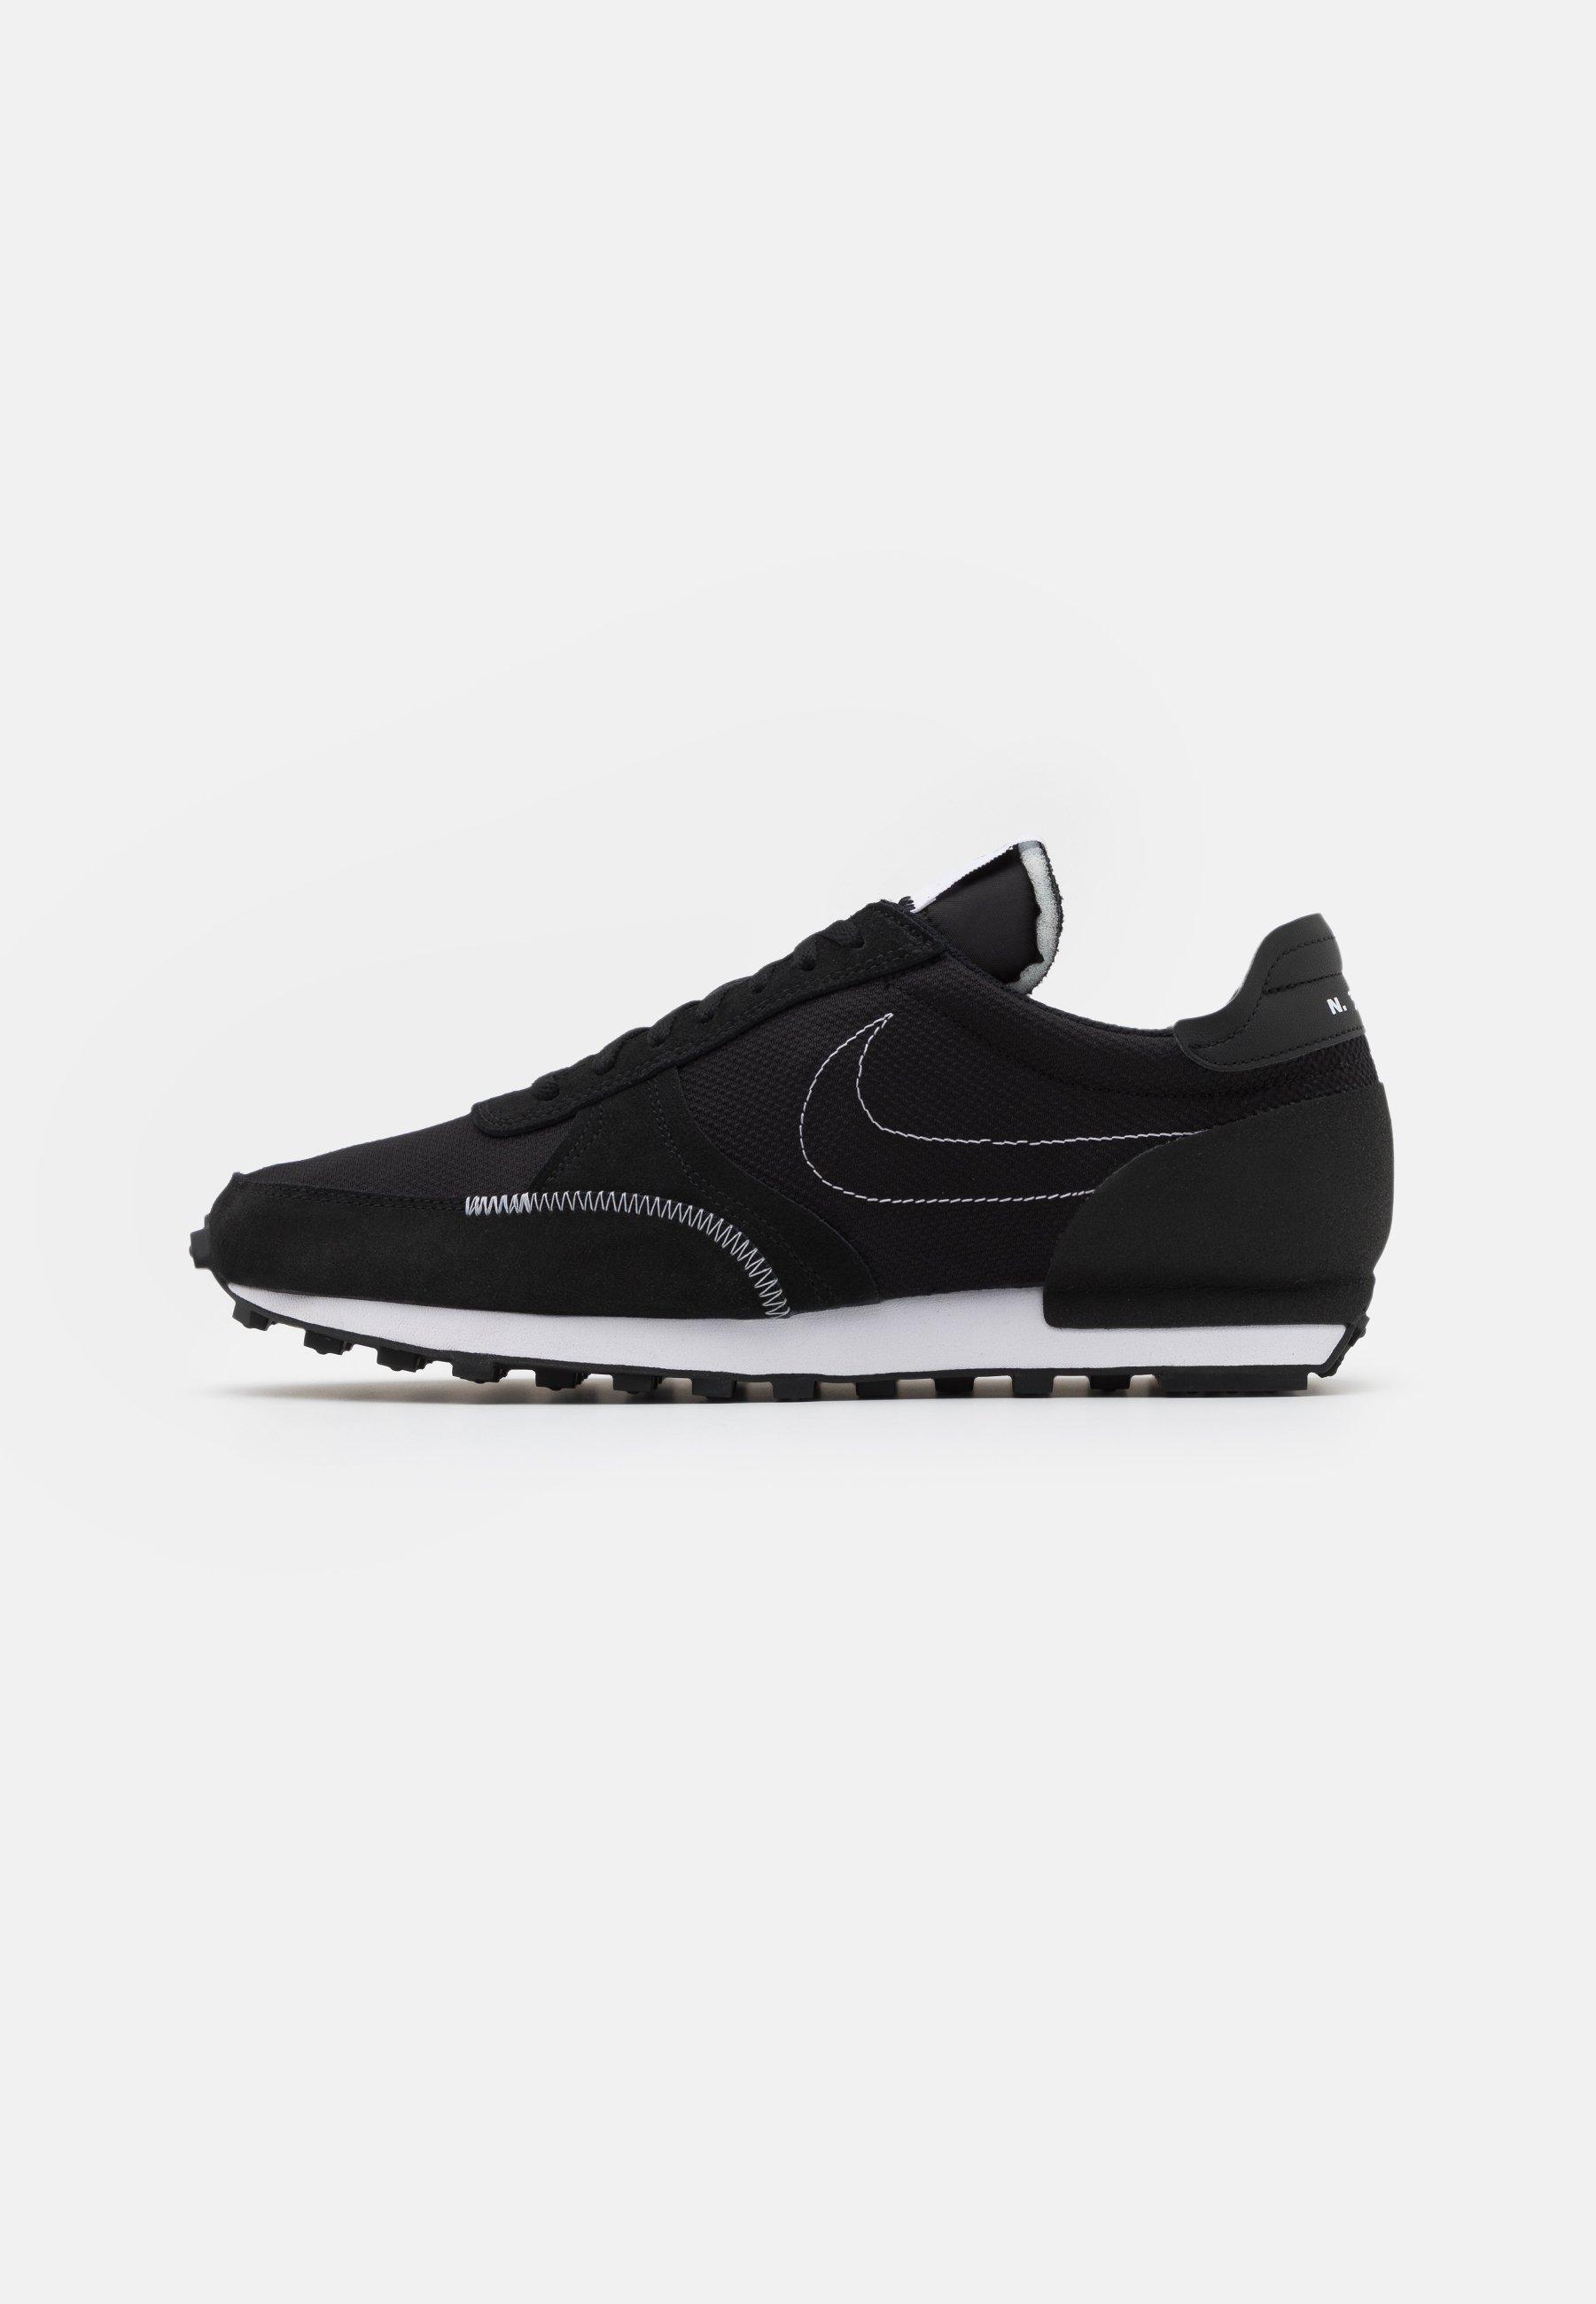 Chaussures homme en promo Nike | Tous les articles chez Zalando